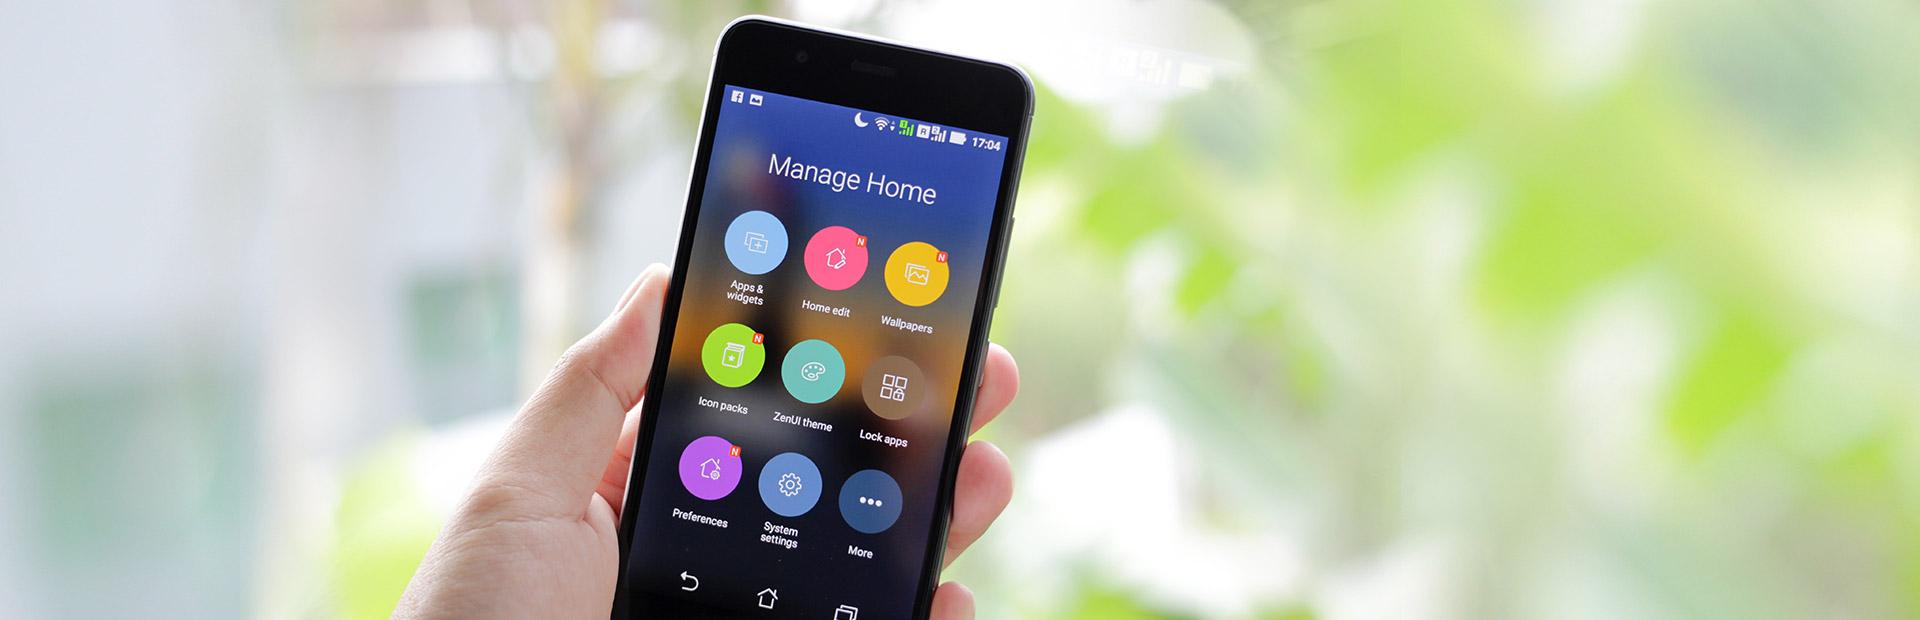 移动手机电商m6米乐app官网下载